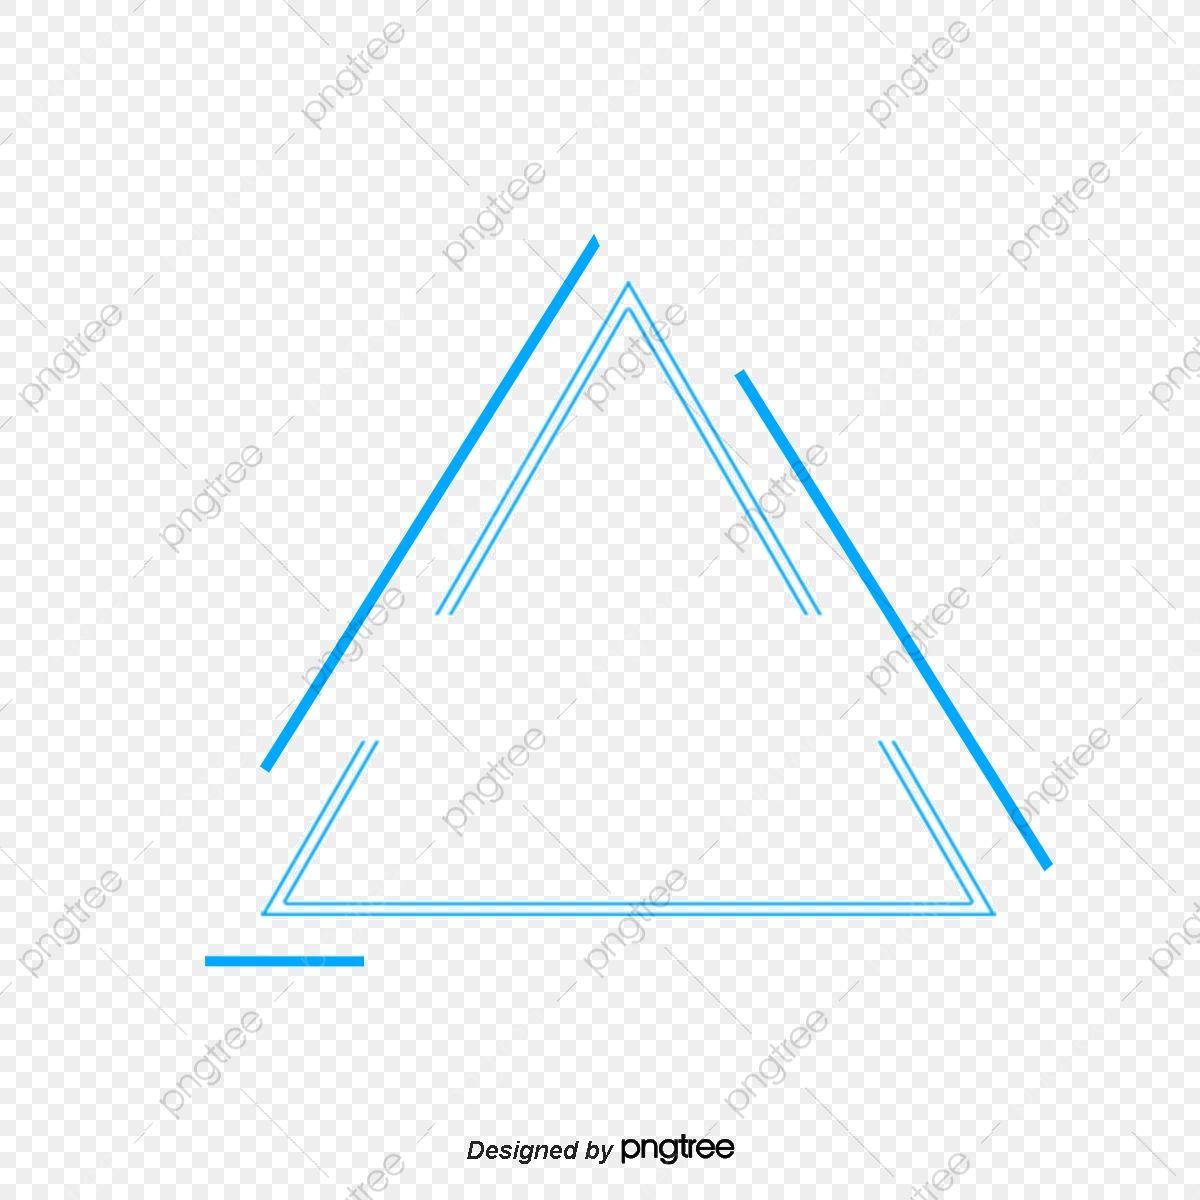 Triangulo Geometrico Abstrato Resumo Geometria Triangulo Imagem Png E Psd Para Download Gratuito In 2021 Geometric Triangle Geometric Clip Art